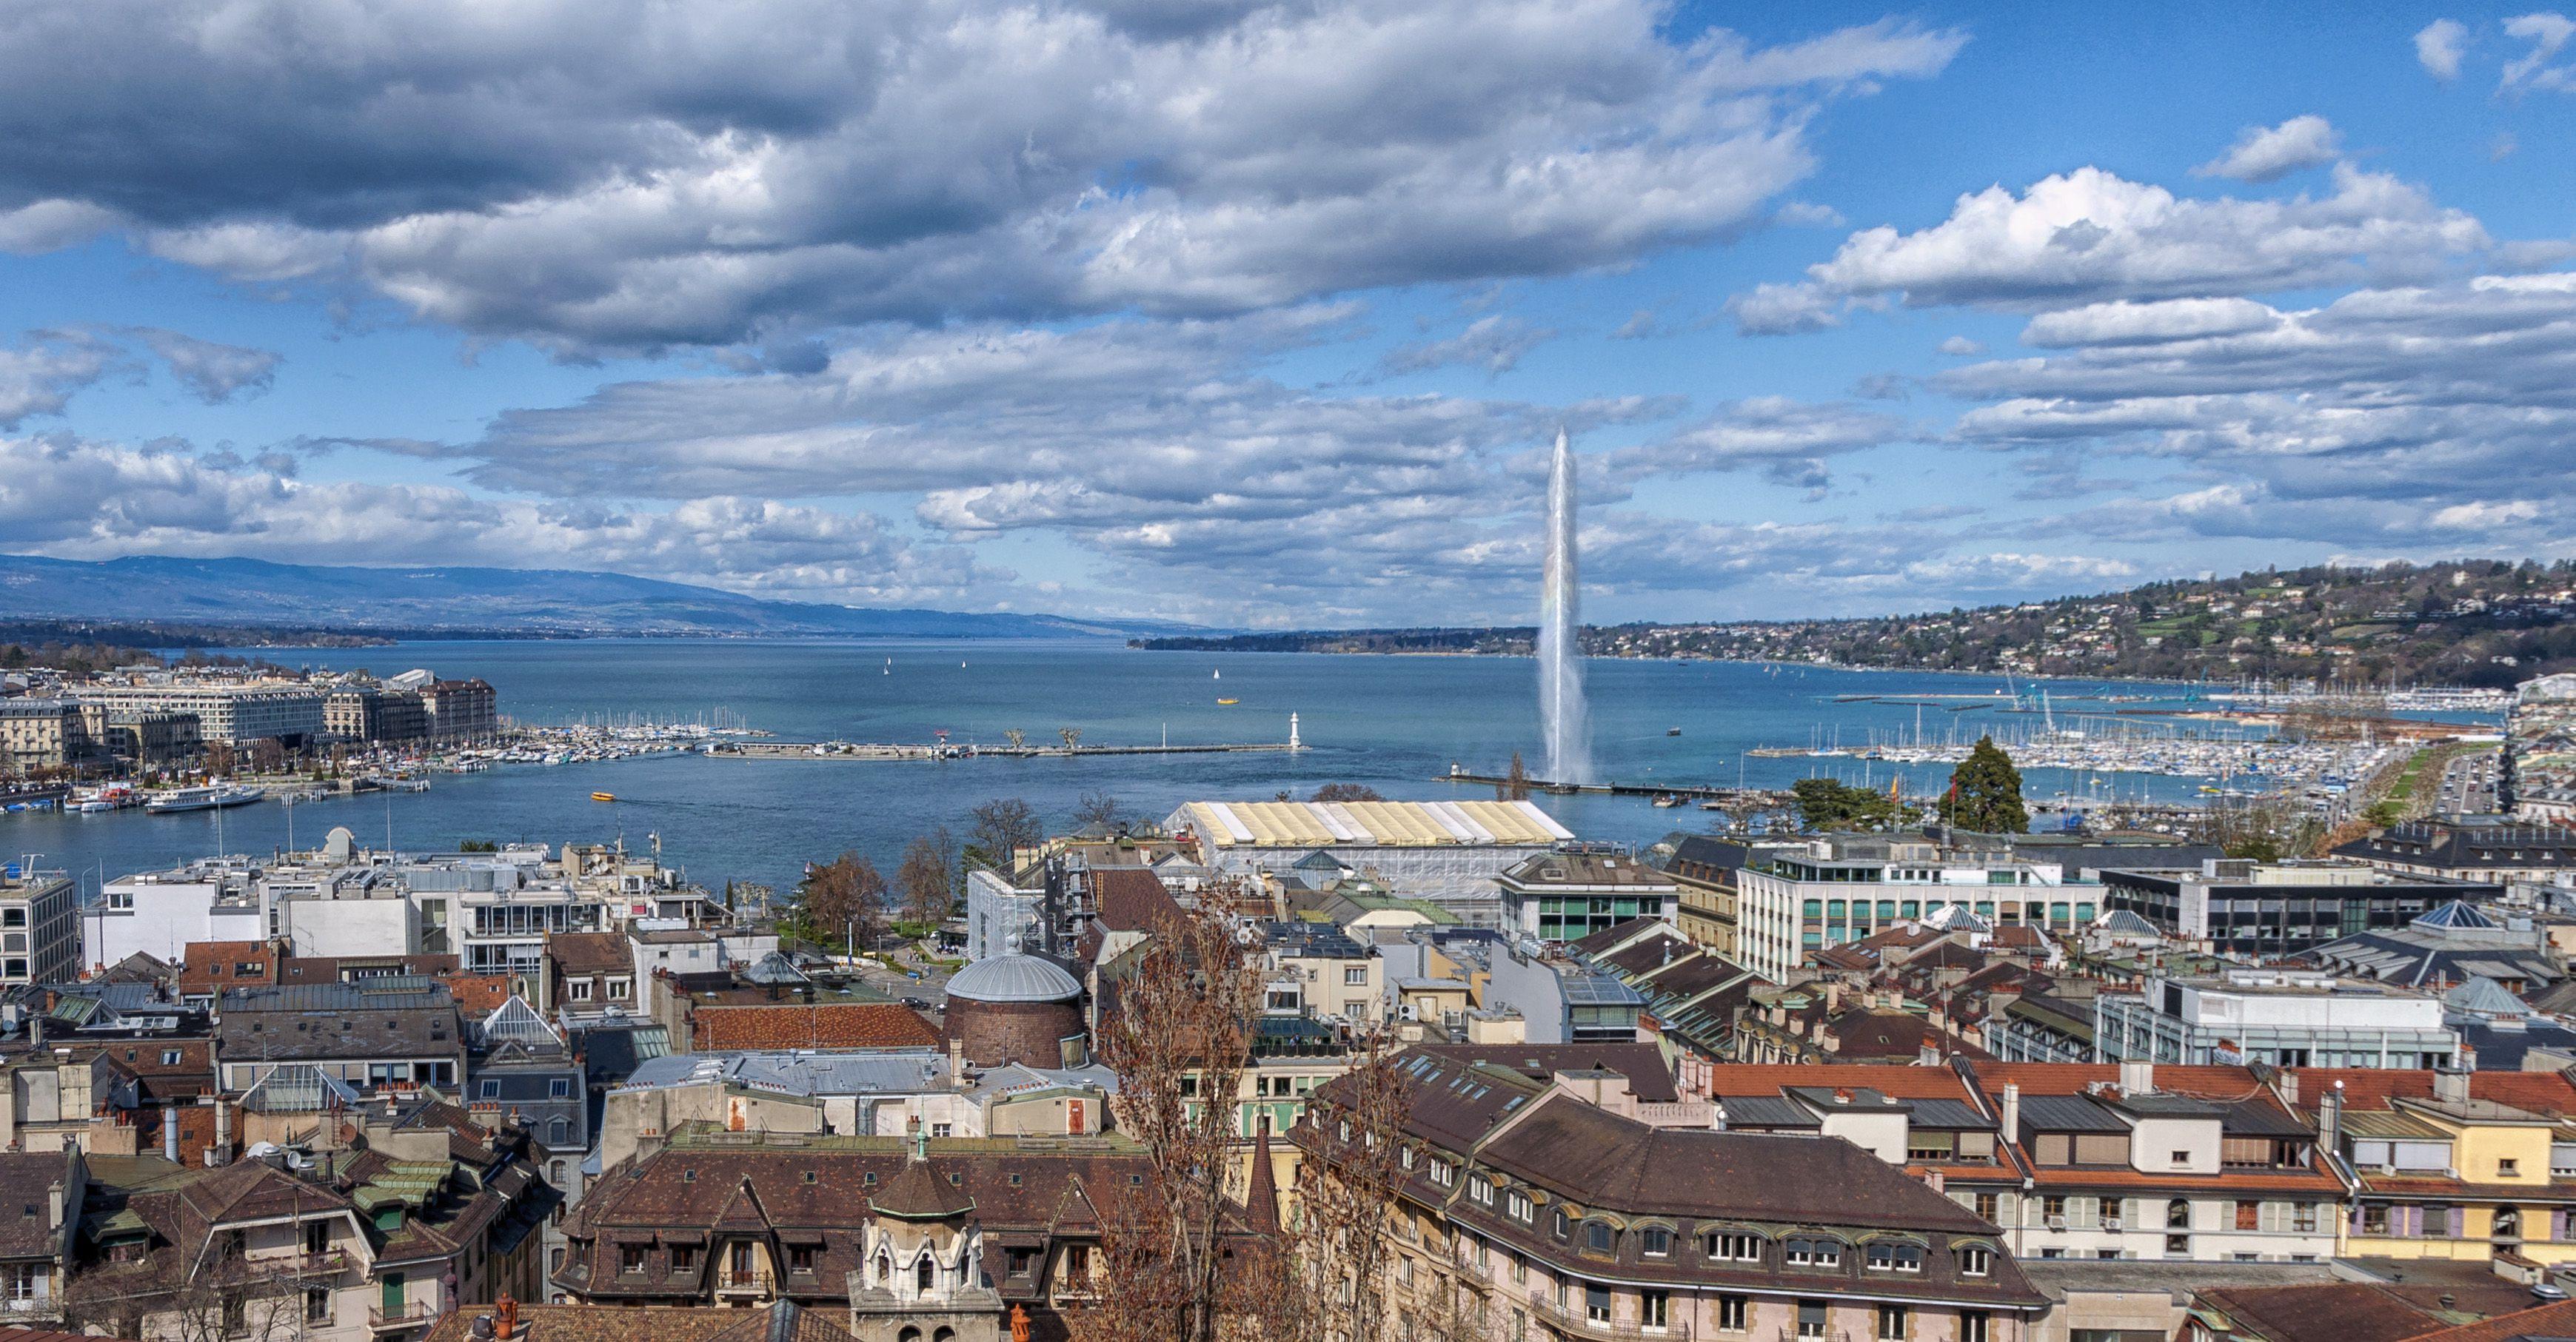 Geneva Switzerland Travel Guide | Europe Travel